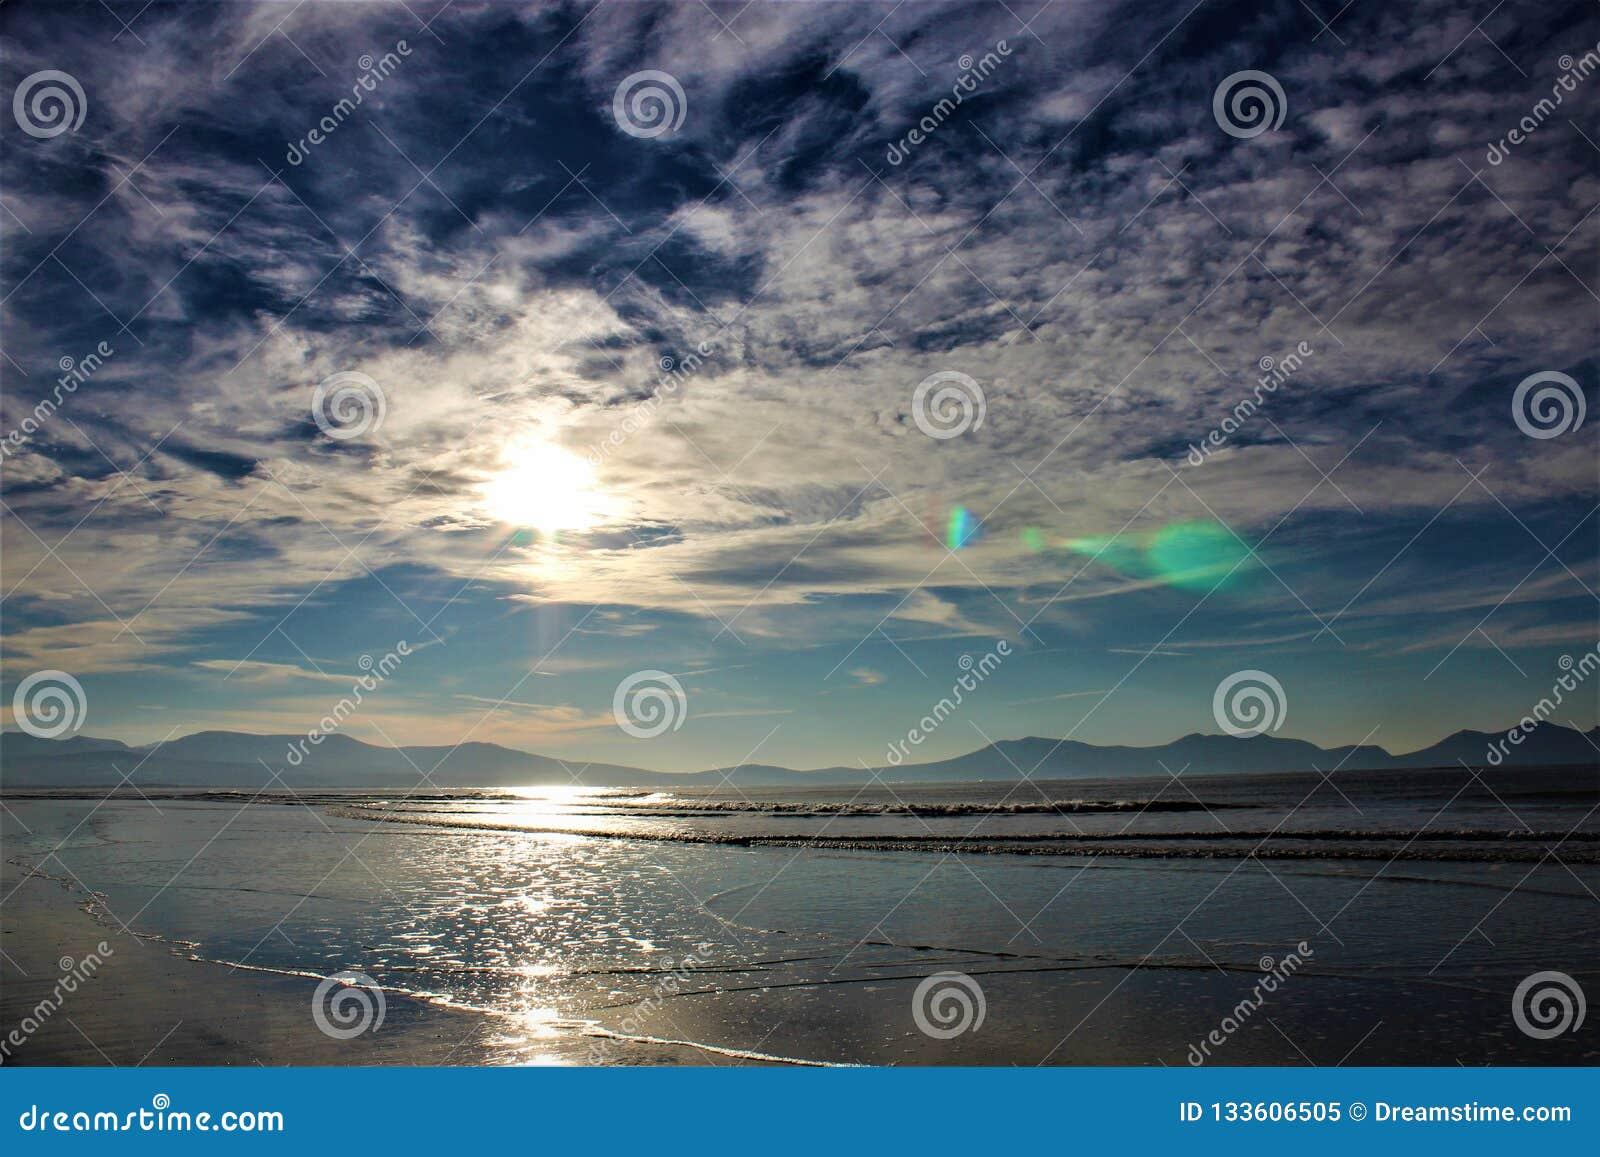 Beschaffenheit von Wolken auf einem blauen Himmel